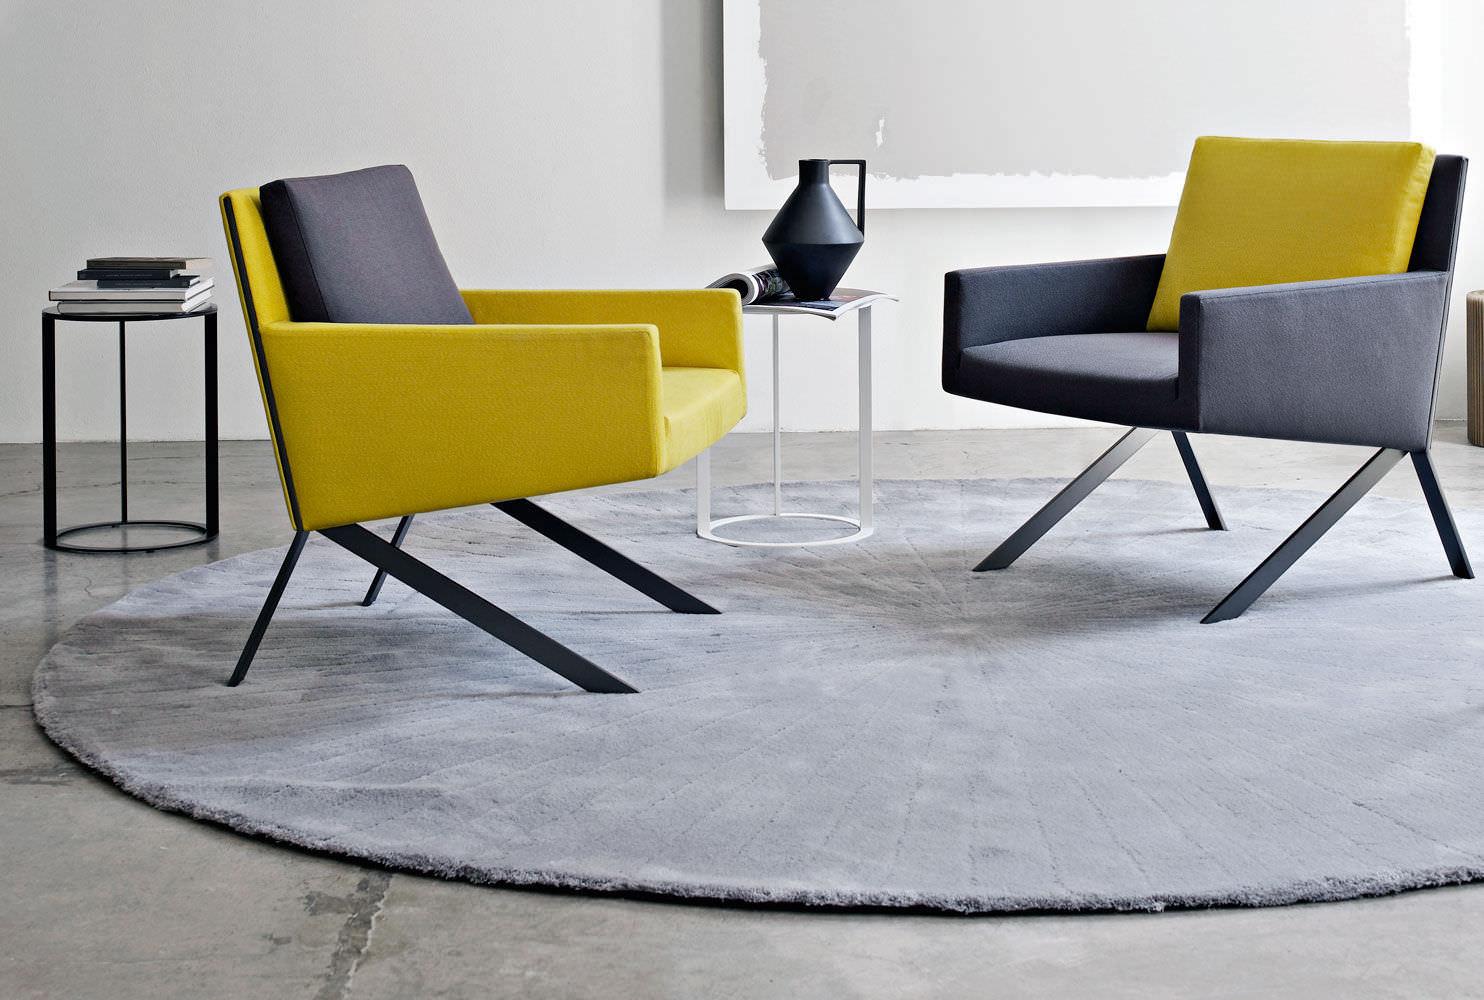 Teppich rund 300 cm  Moderner Teppich / uni / Neuseeland Wolle / Rund - CRATIS by CR&S ...